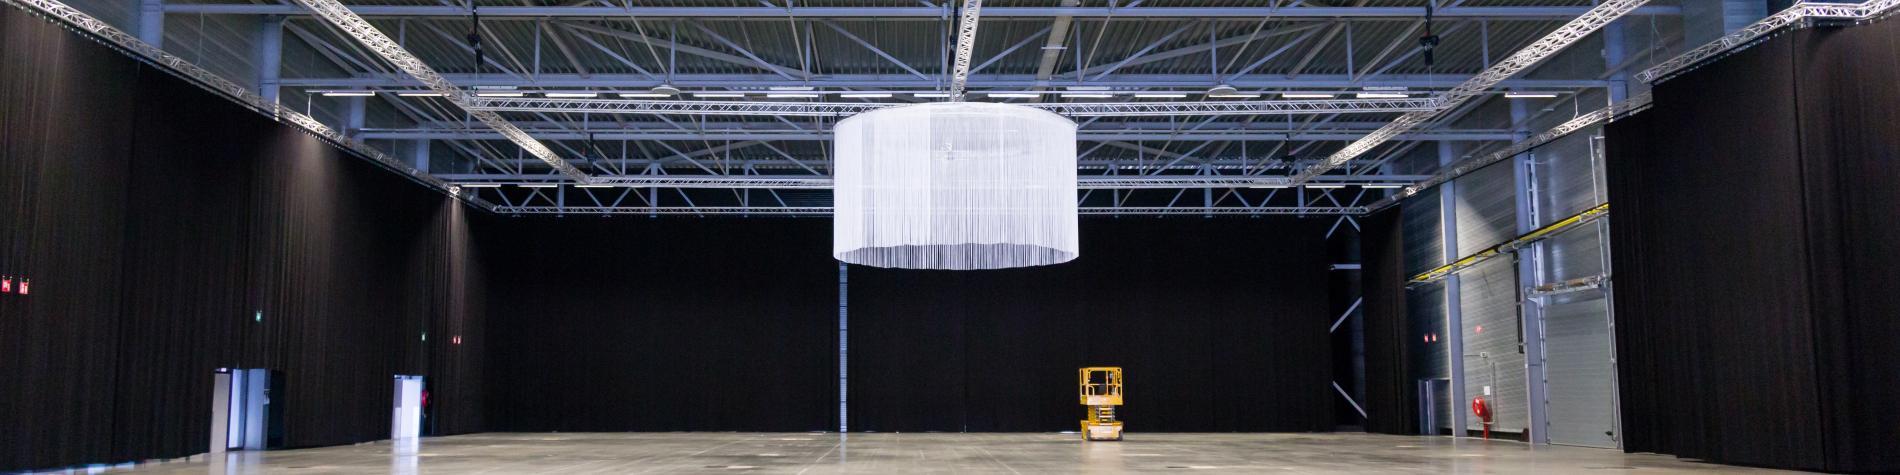 Grand espace de 5000 m2 modulable pour les congrès foires et salons à la Louvière en Wallonie